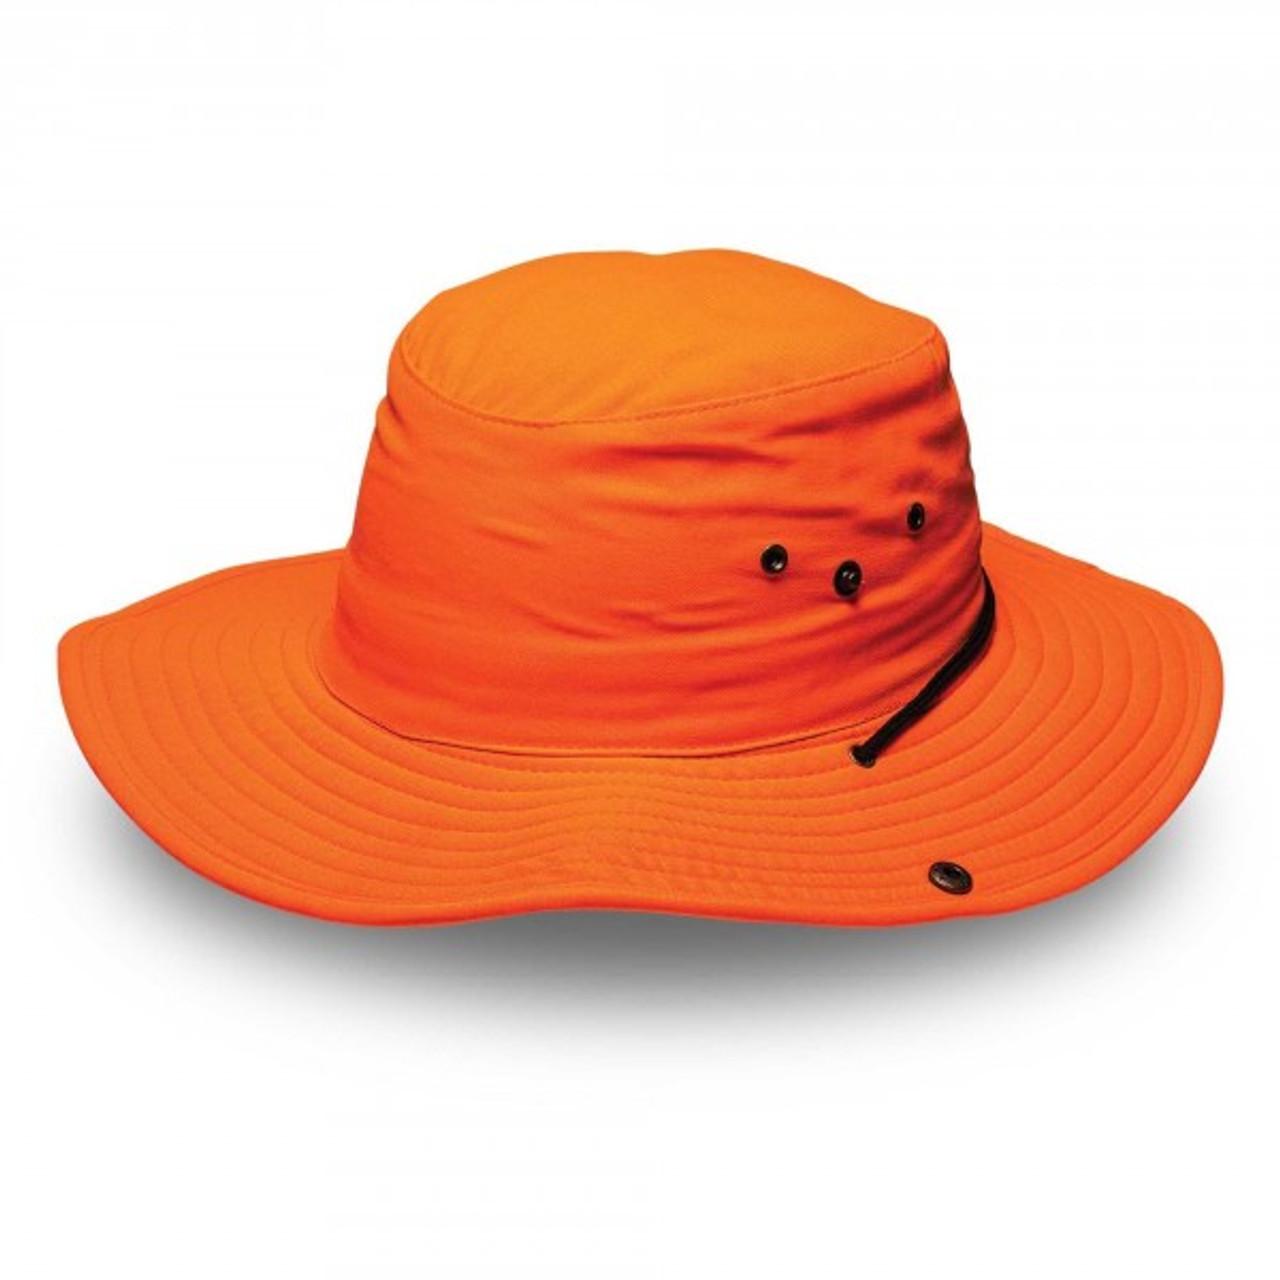 ffe60054a9baba Lumo Safari Wide Brim Hat | Headwear | Azulwear | South Africa